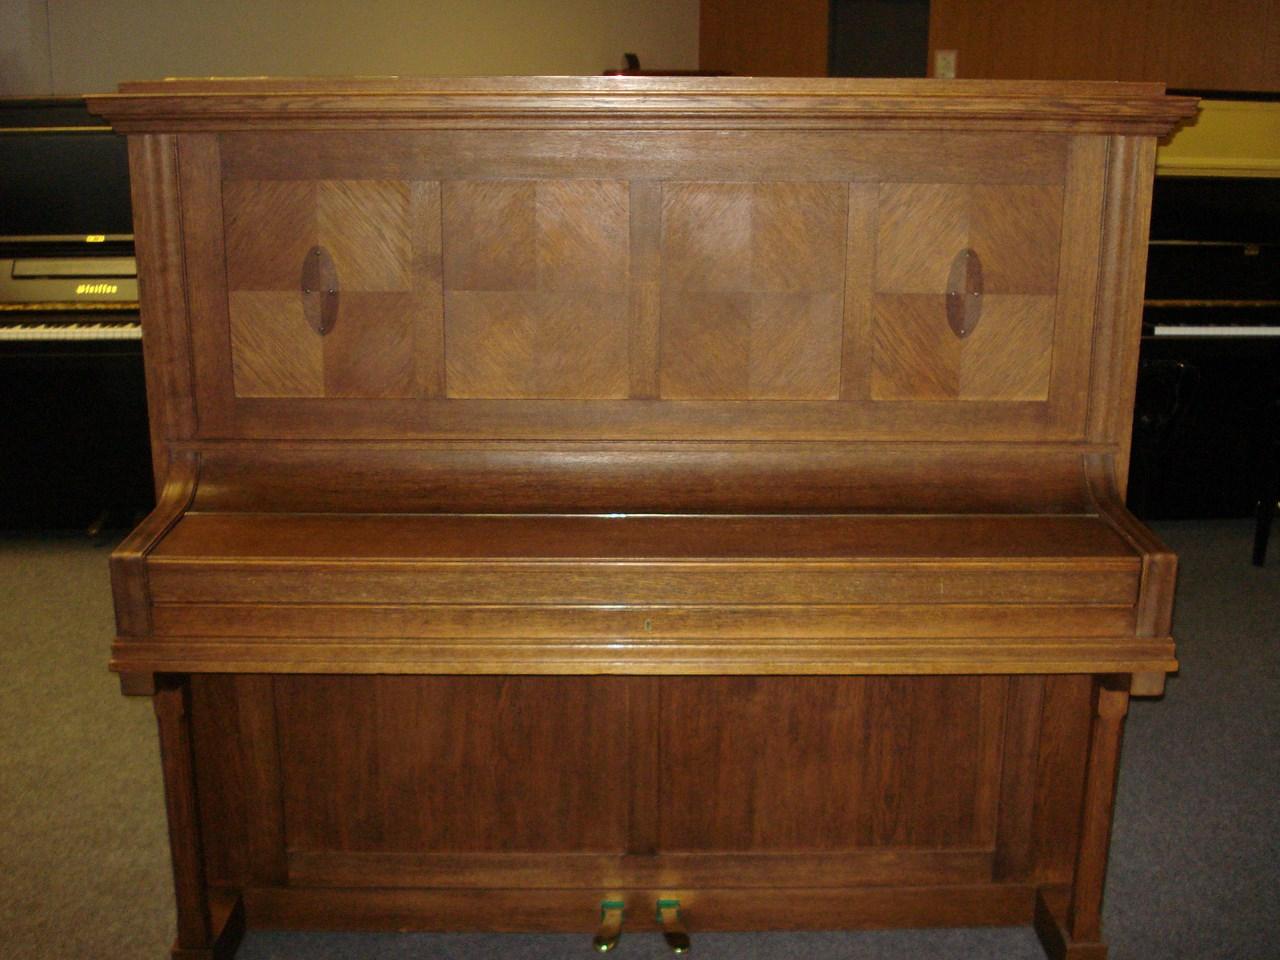 Pfeiffer pianos modell 148 eiche gebeizt for Eiche gebeizt